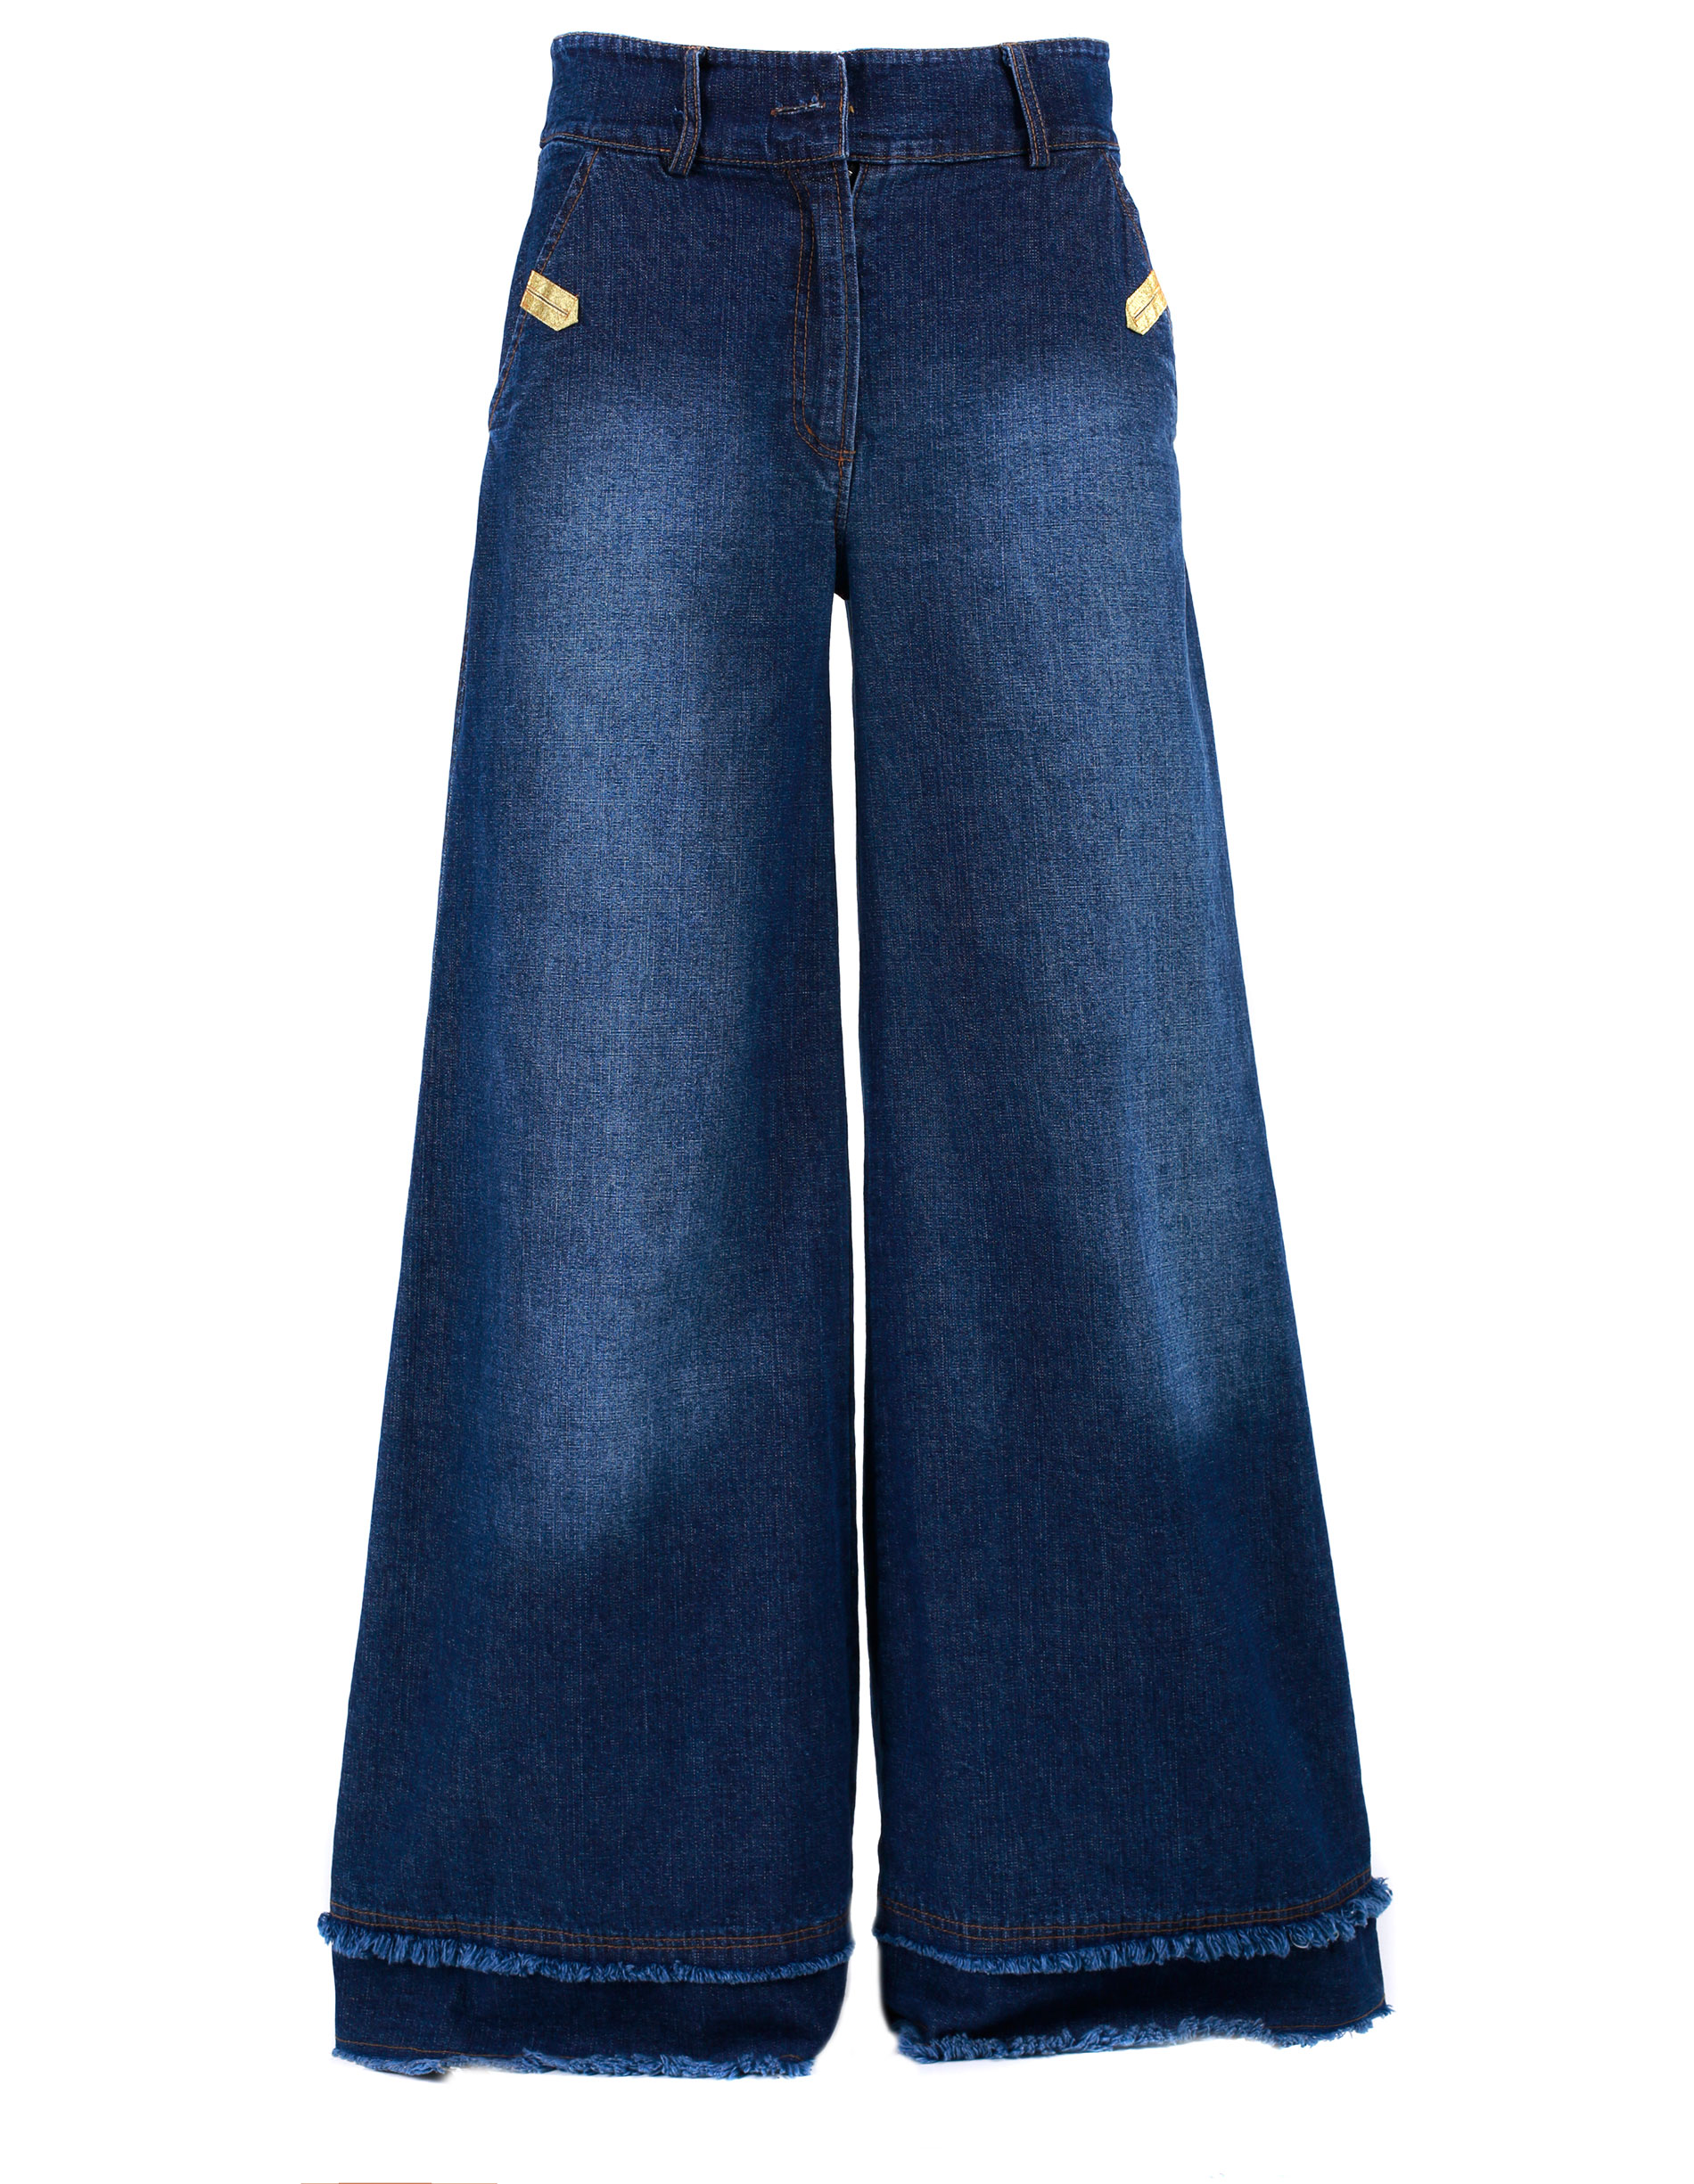 Spodnie - 152-P193 JEAN - Unisono